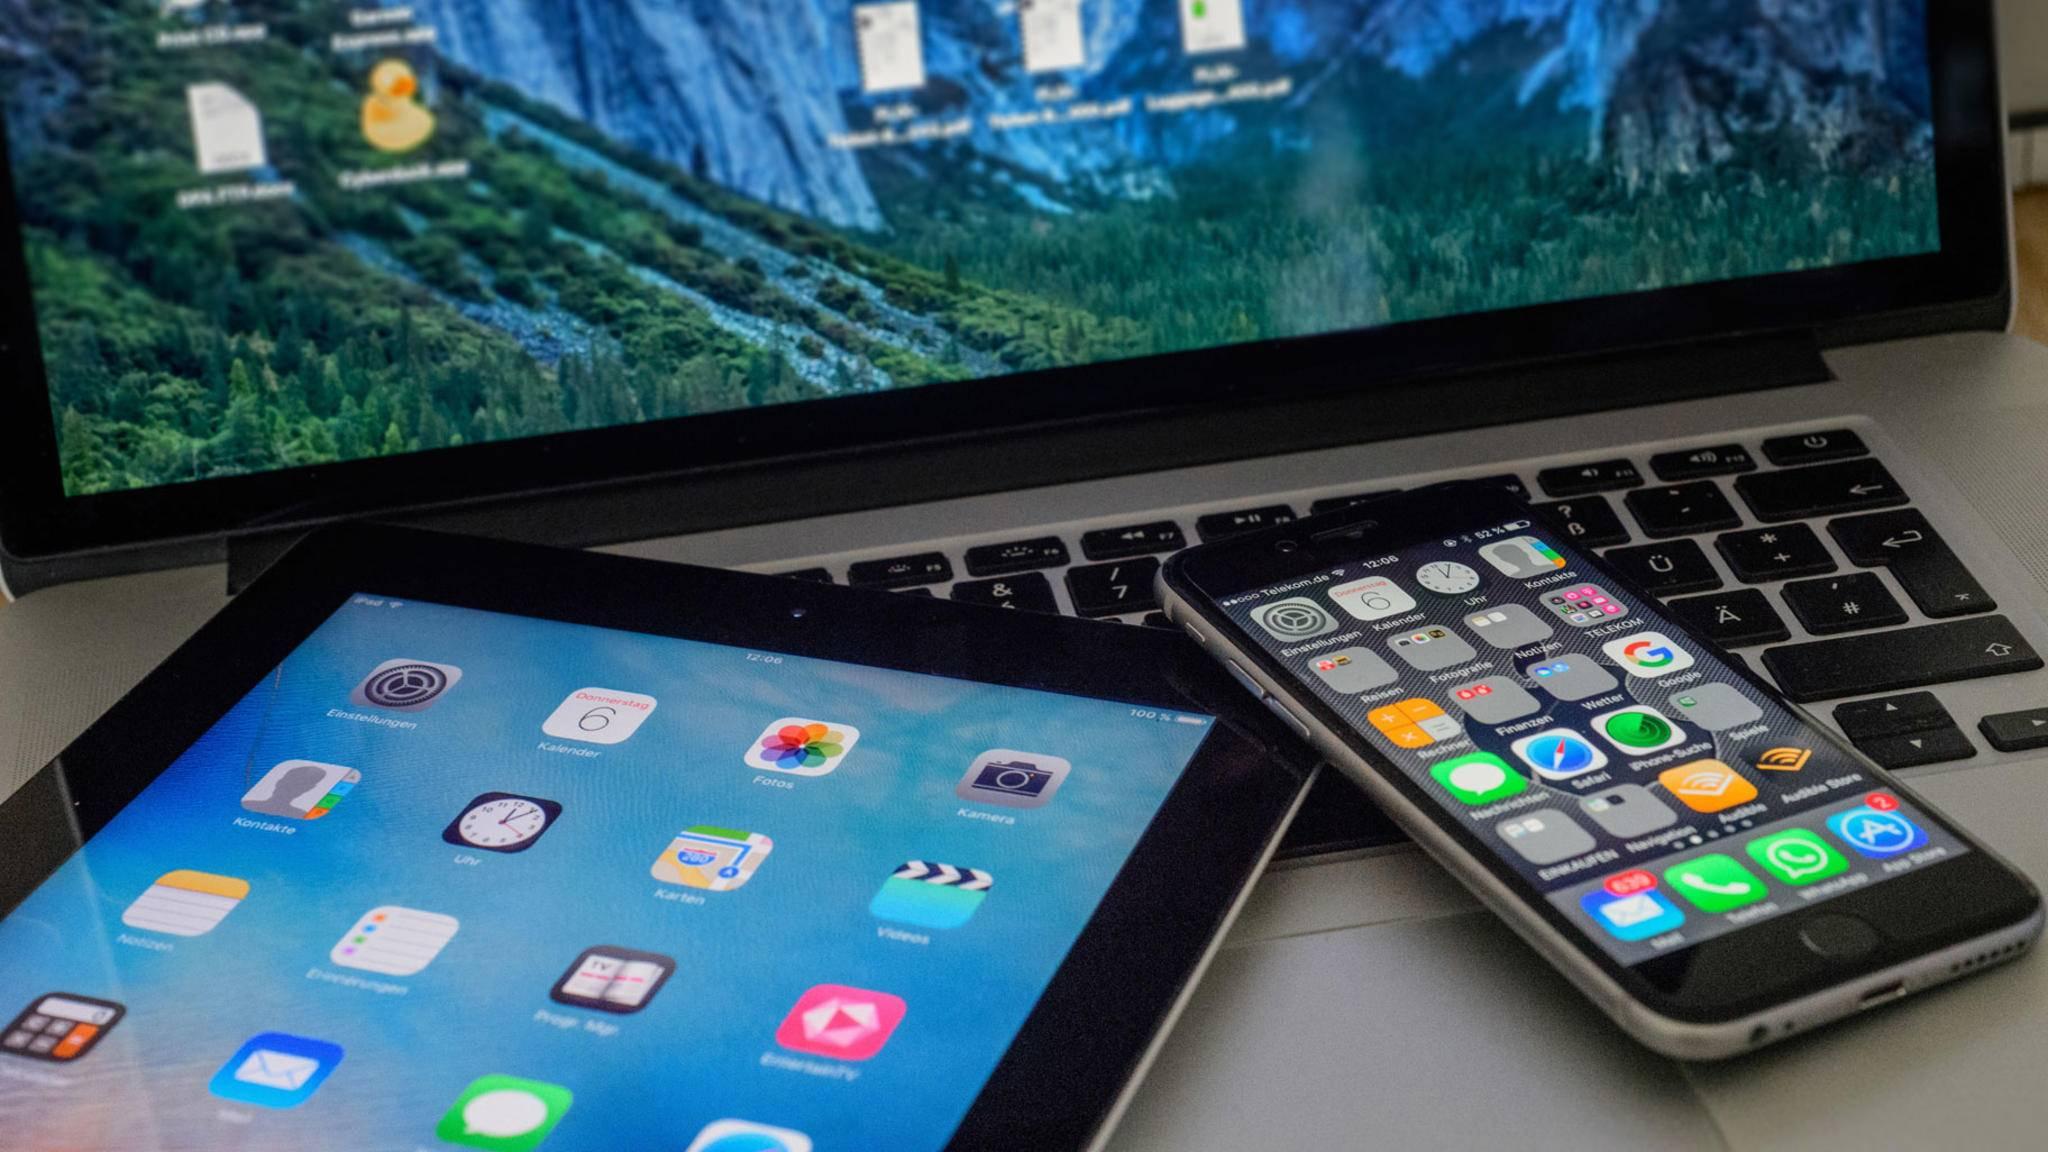 Hast Du das Passwort eines verschlüsselten iPhone-Backups vergessen, hast Du mehrere Optionen.